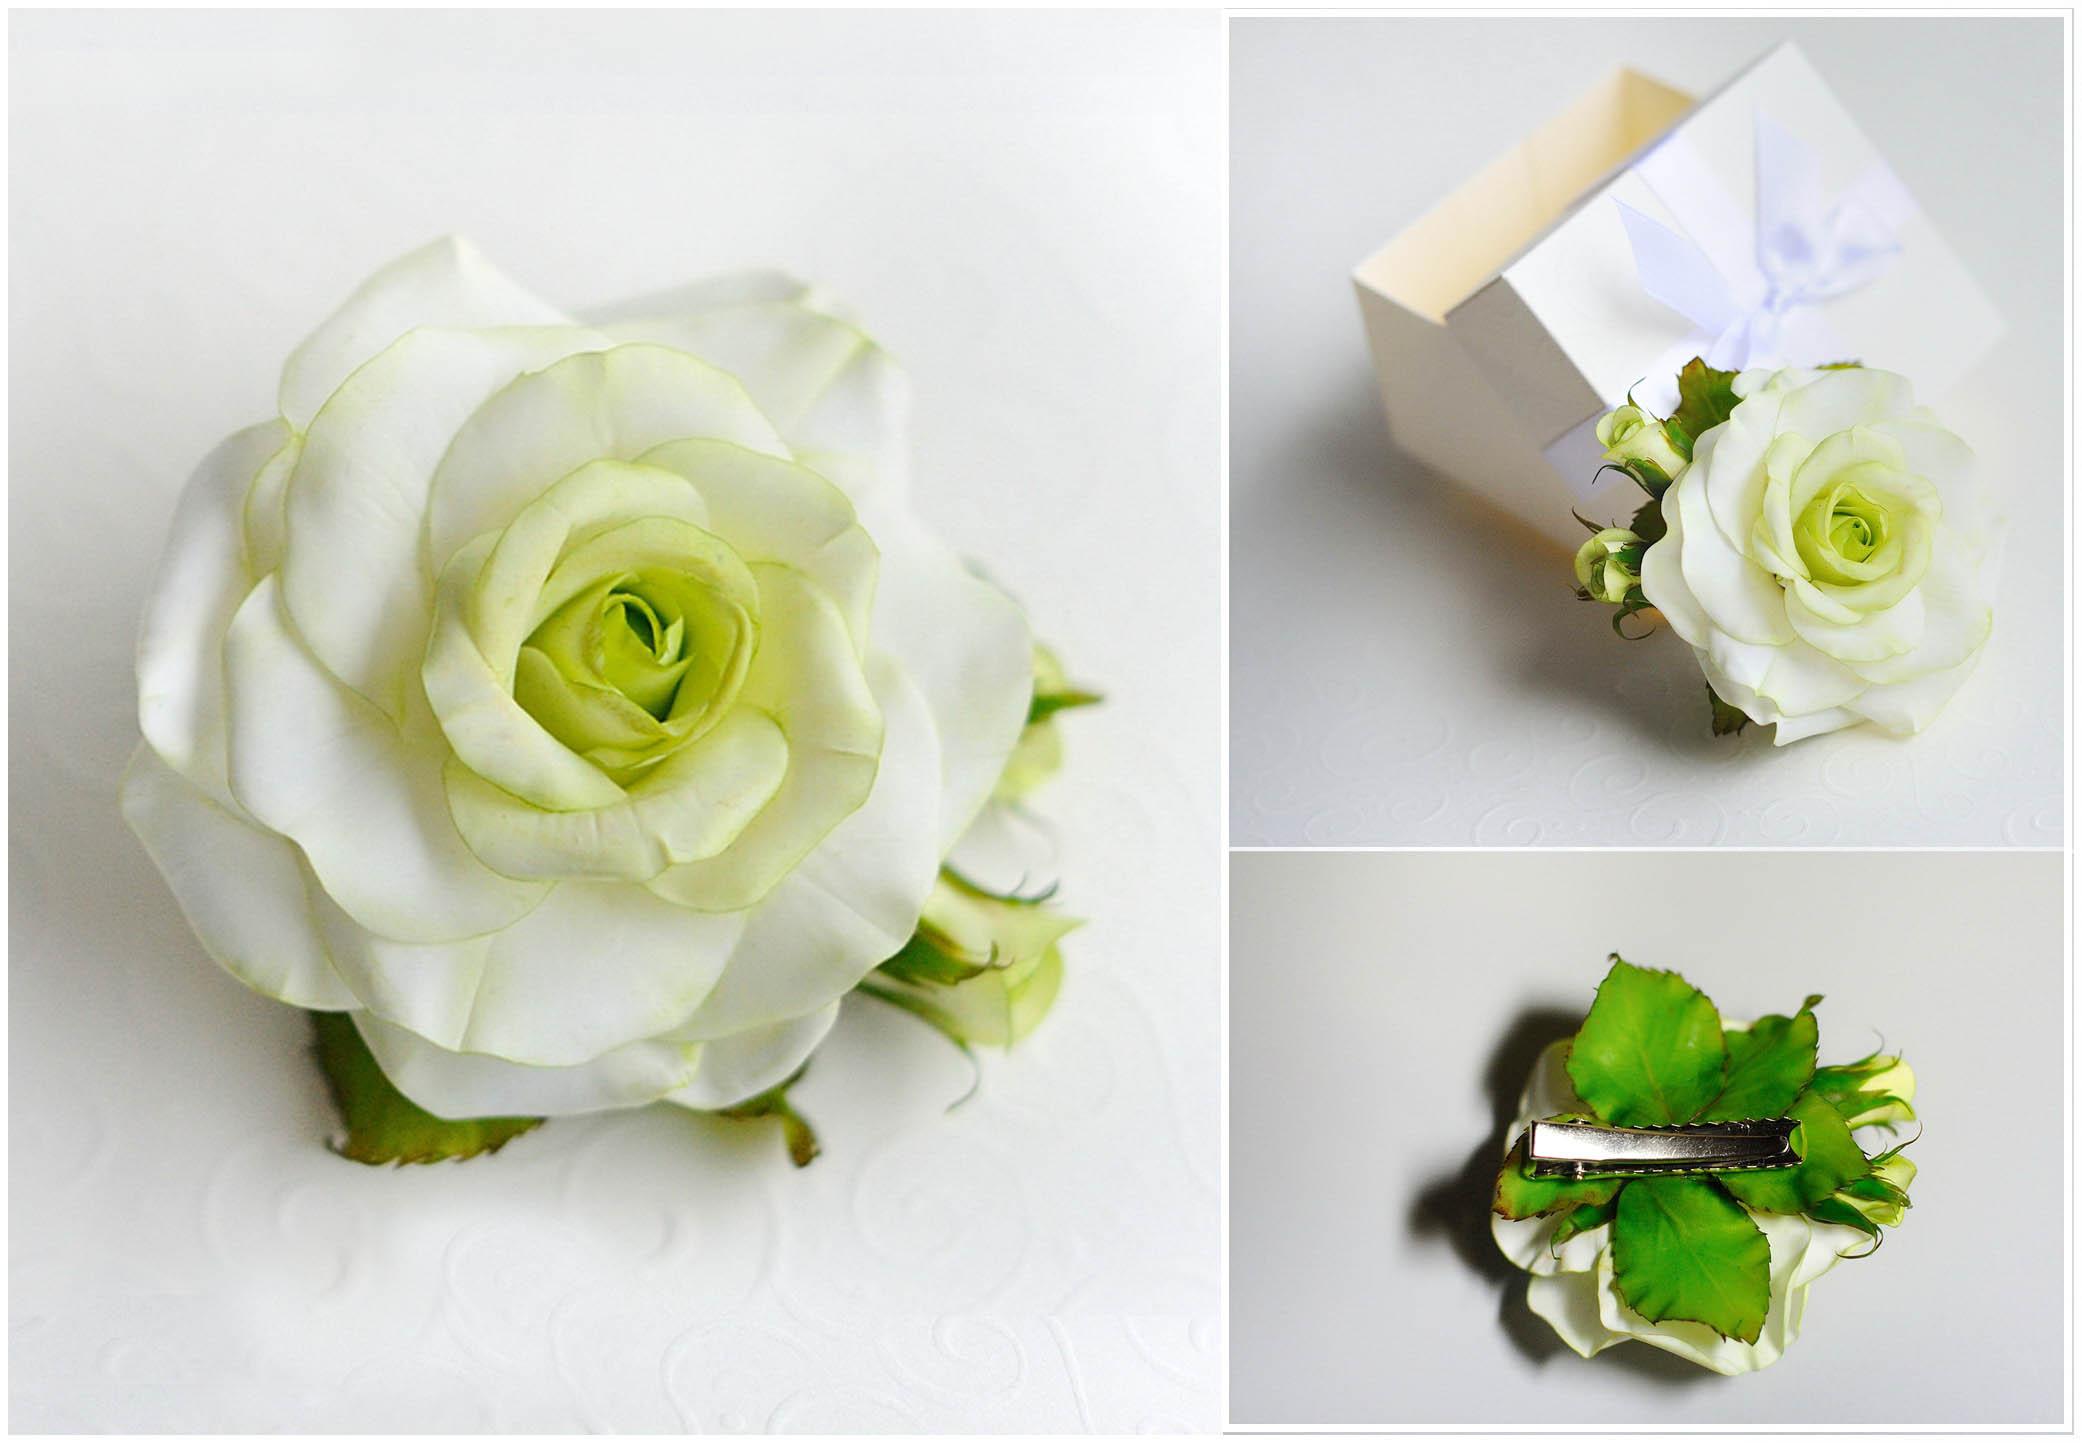 Цветы из холодного фарфора купить в минске доставка цветов по могилёвской области